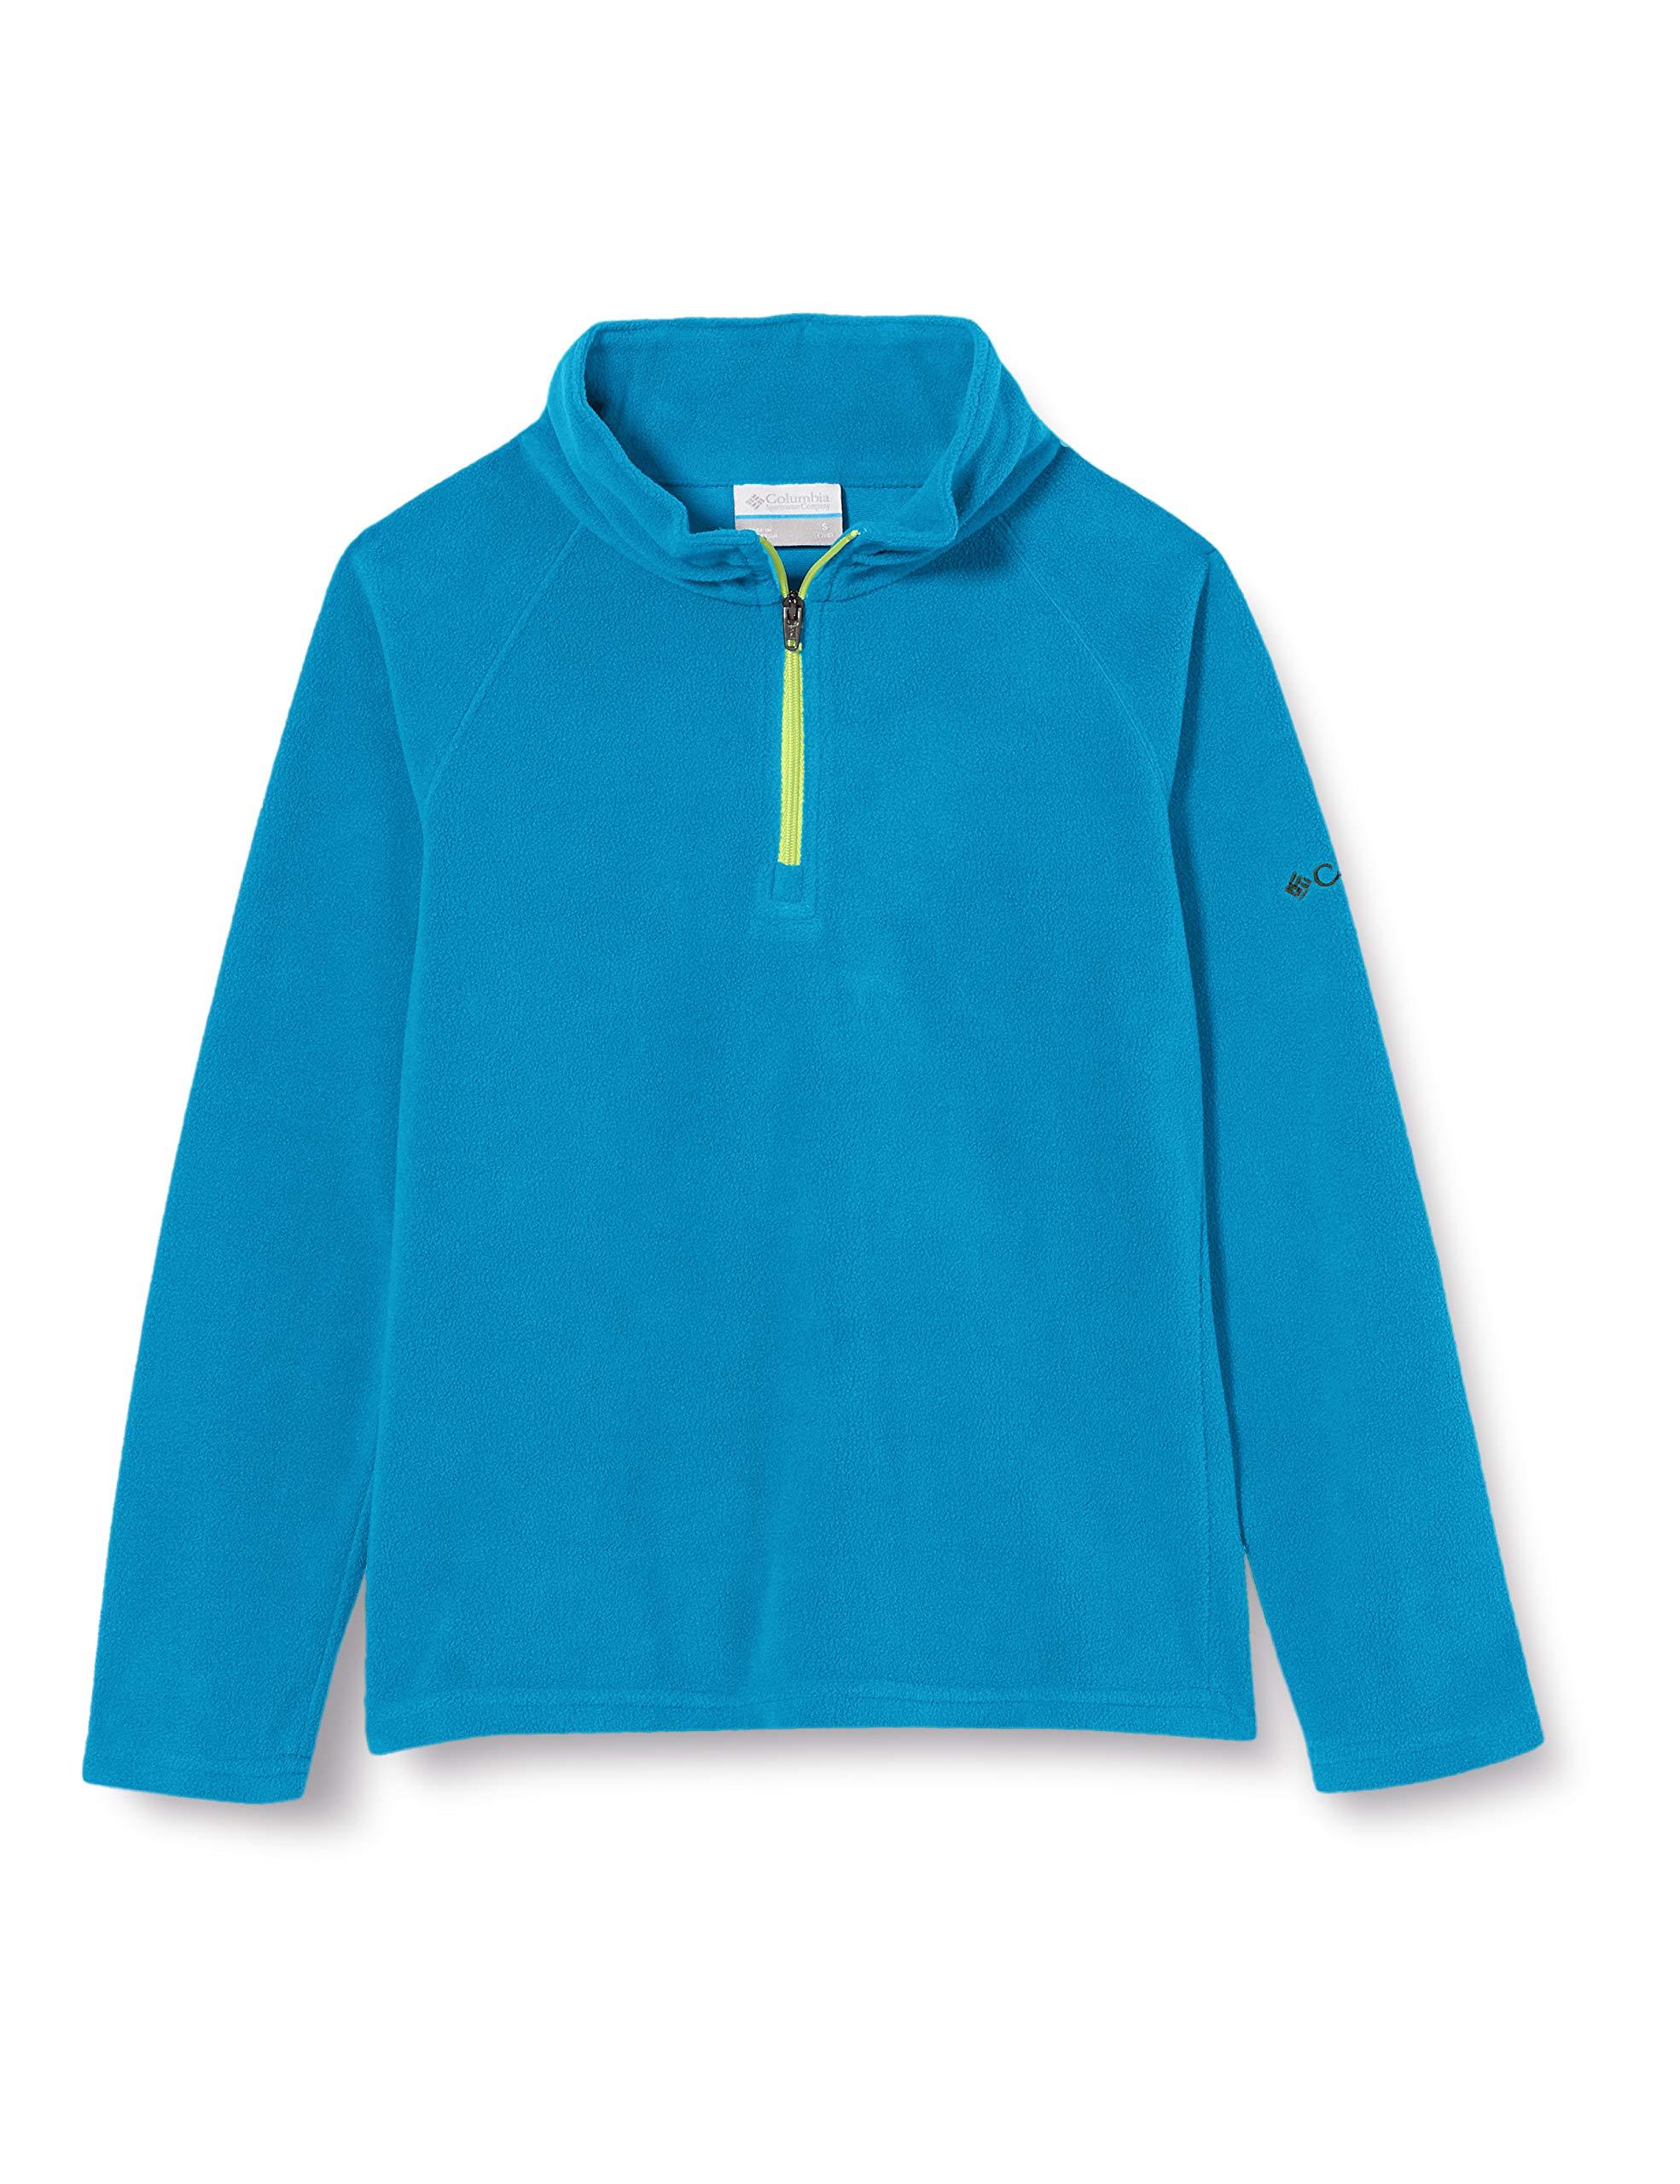 Columbia Youth Glacial Half Zip Fleece-Reißverschlussjacke für Mädchen